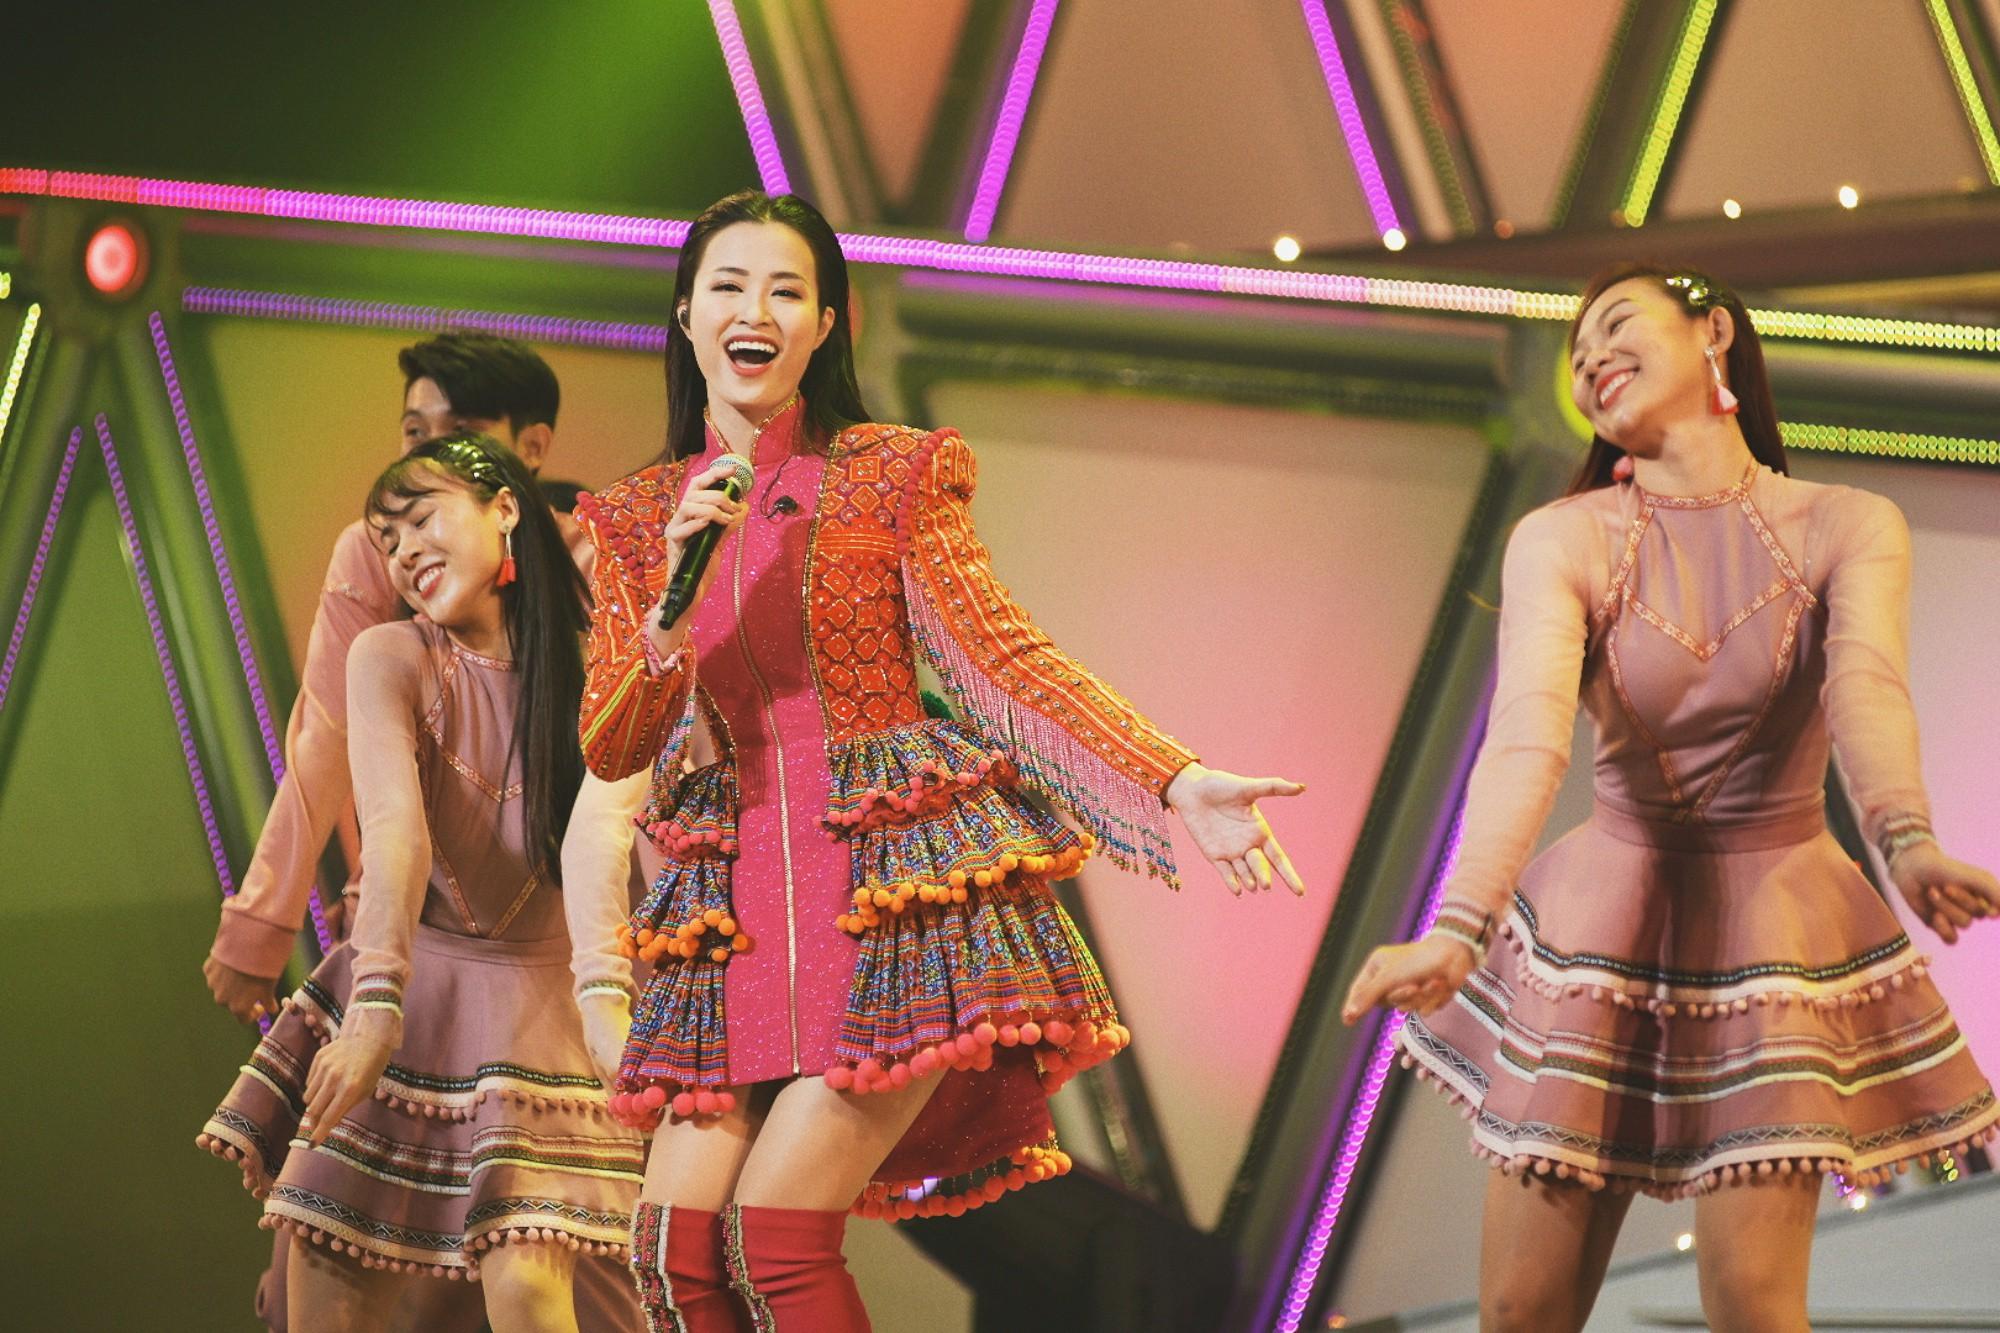 """Clip đang hot: Đông Nhi """"bắn"""" tiếng Nhật lưu loát đến ngỡ ngàng trên sân khấu Nhật Bản khiến fan Việt nức lòng - Ảnh 6."""